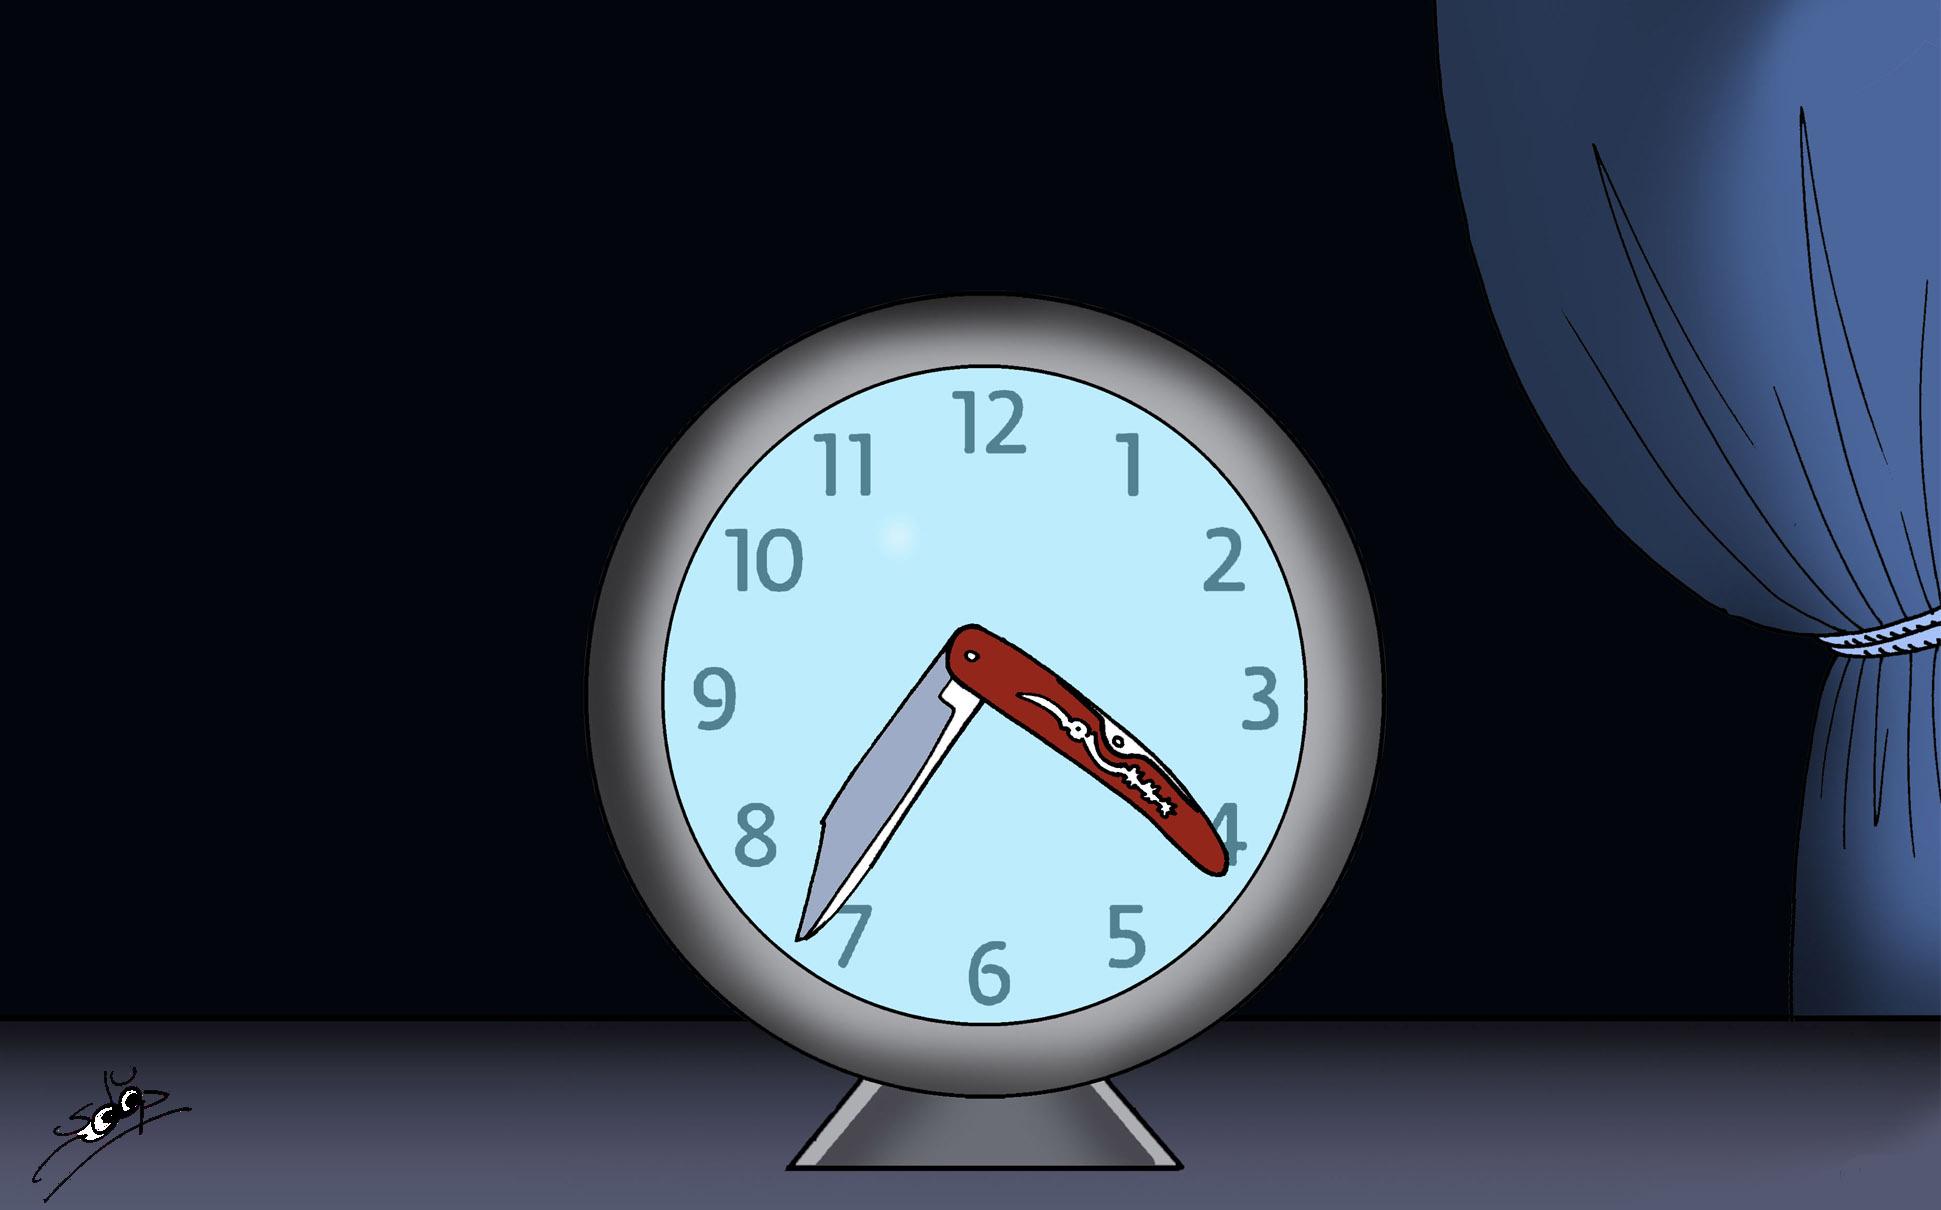 الساعة الإضافية والكريساج